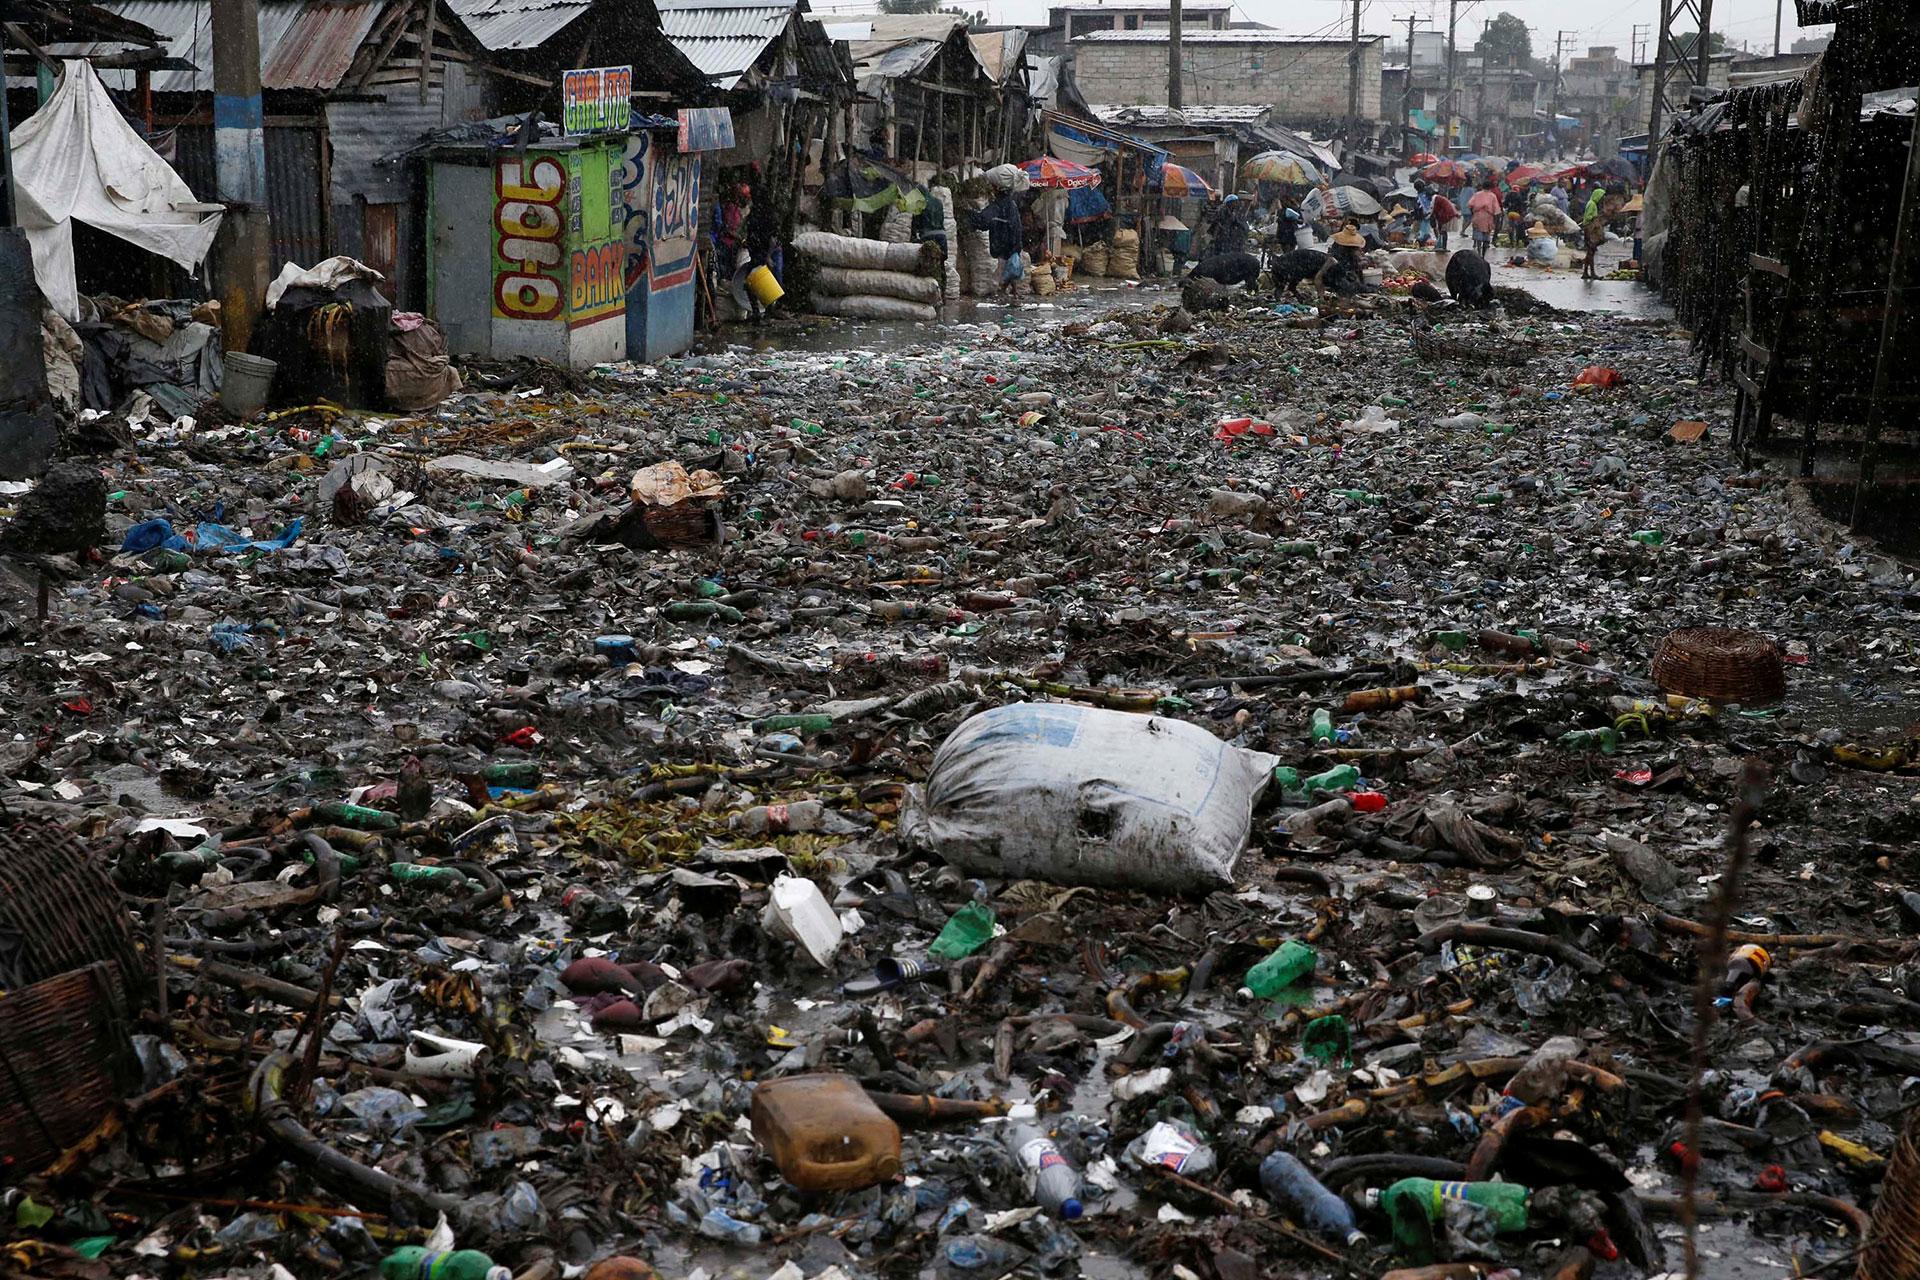 La basura que dejó una de las inundaciones en Haití (Reuters)